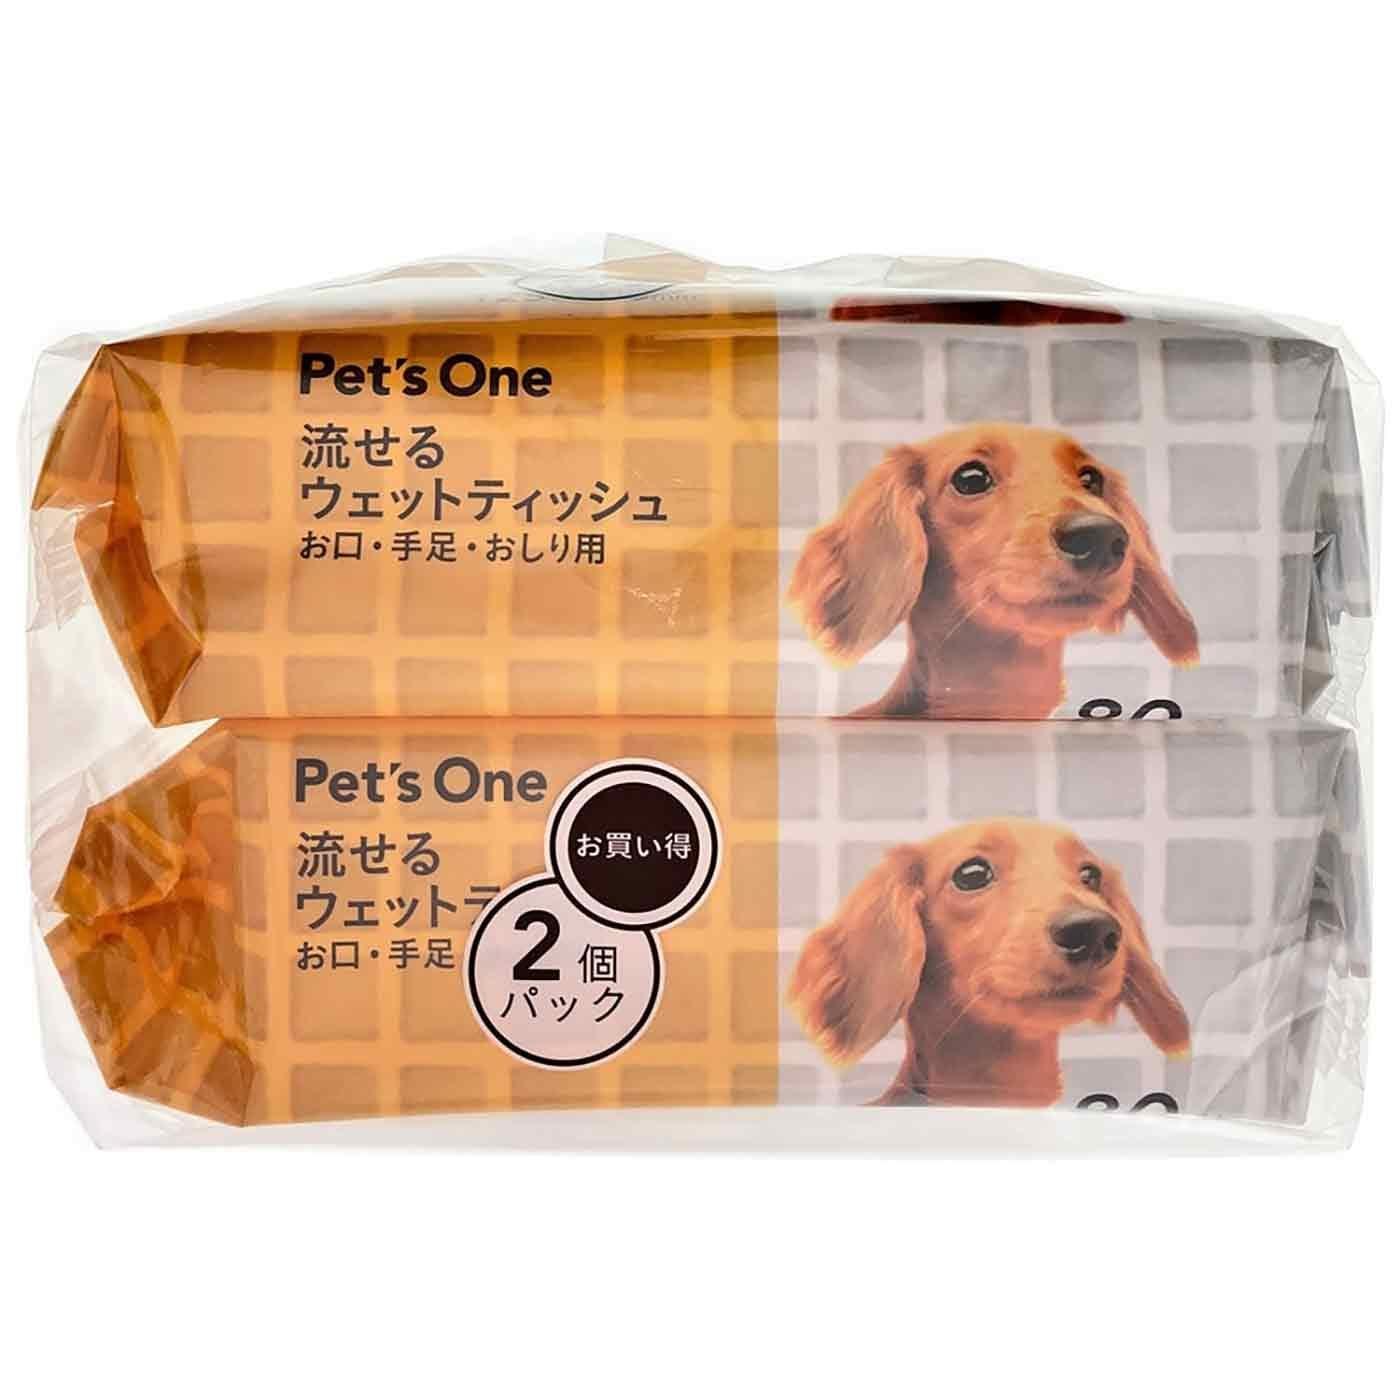 Pet'sOne 流せるウェットティッシュ 80枚×2個パック